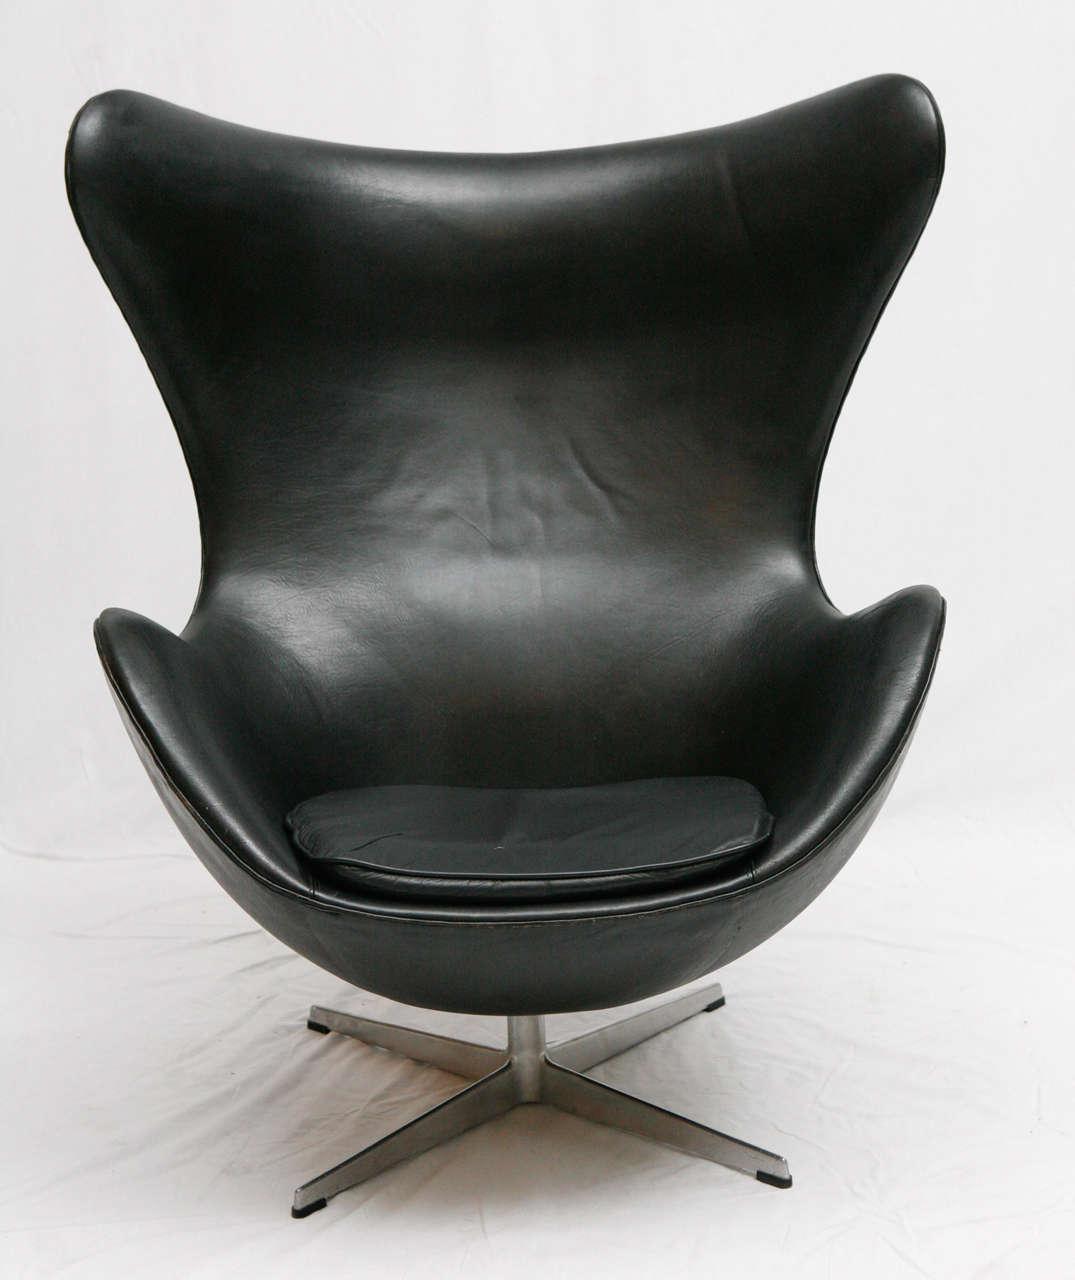 vintage black leather arne jacobsen egg chair at 1stdibs. Black Bedroom Furniture Sets. Home Design Ideas